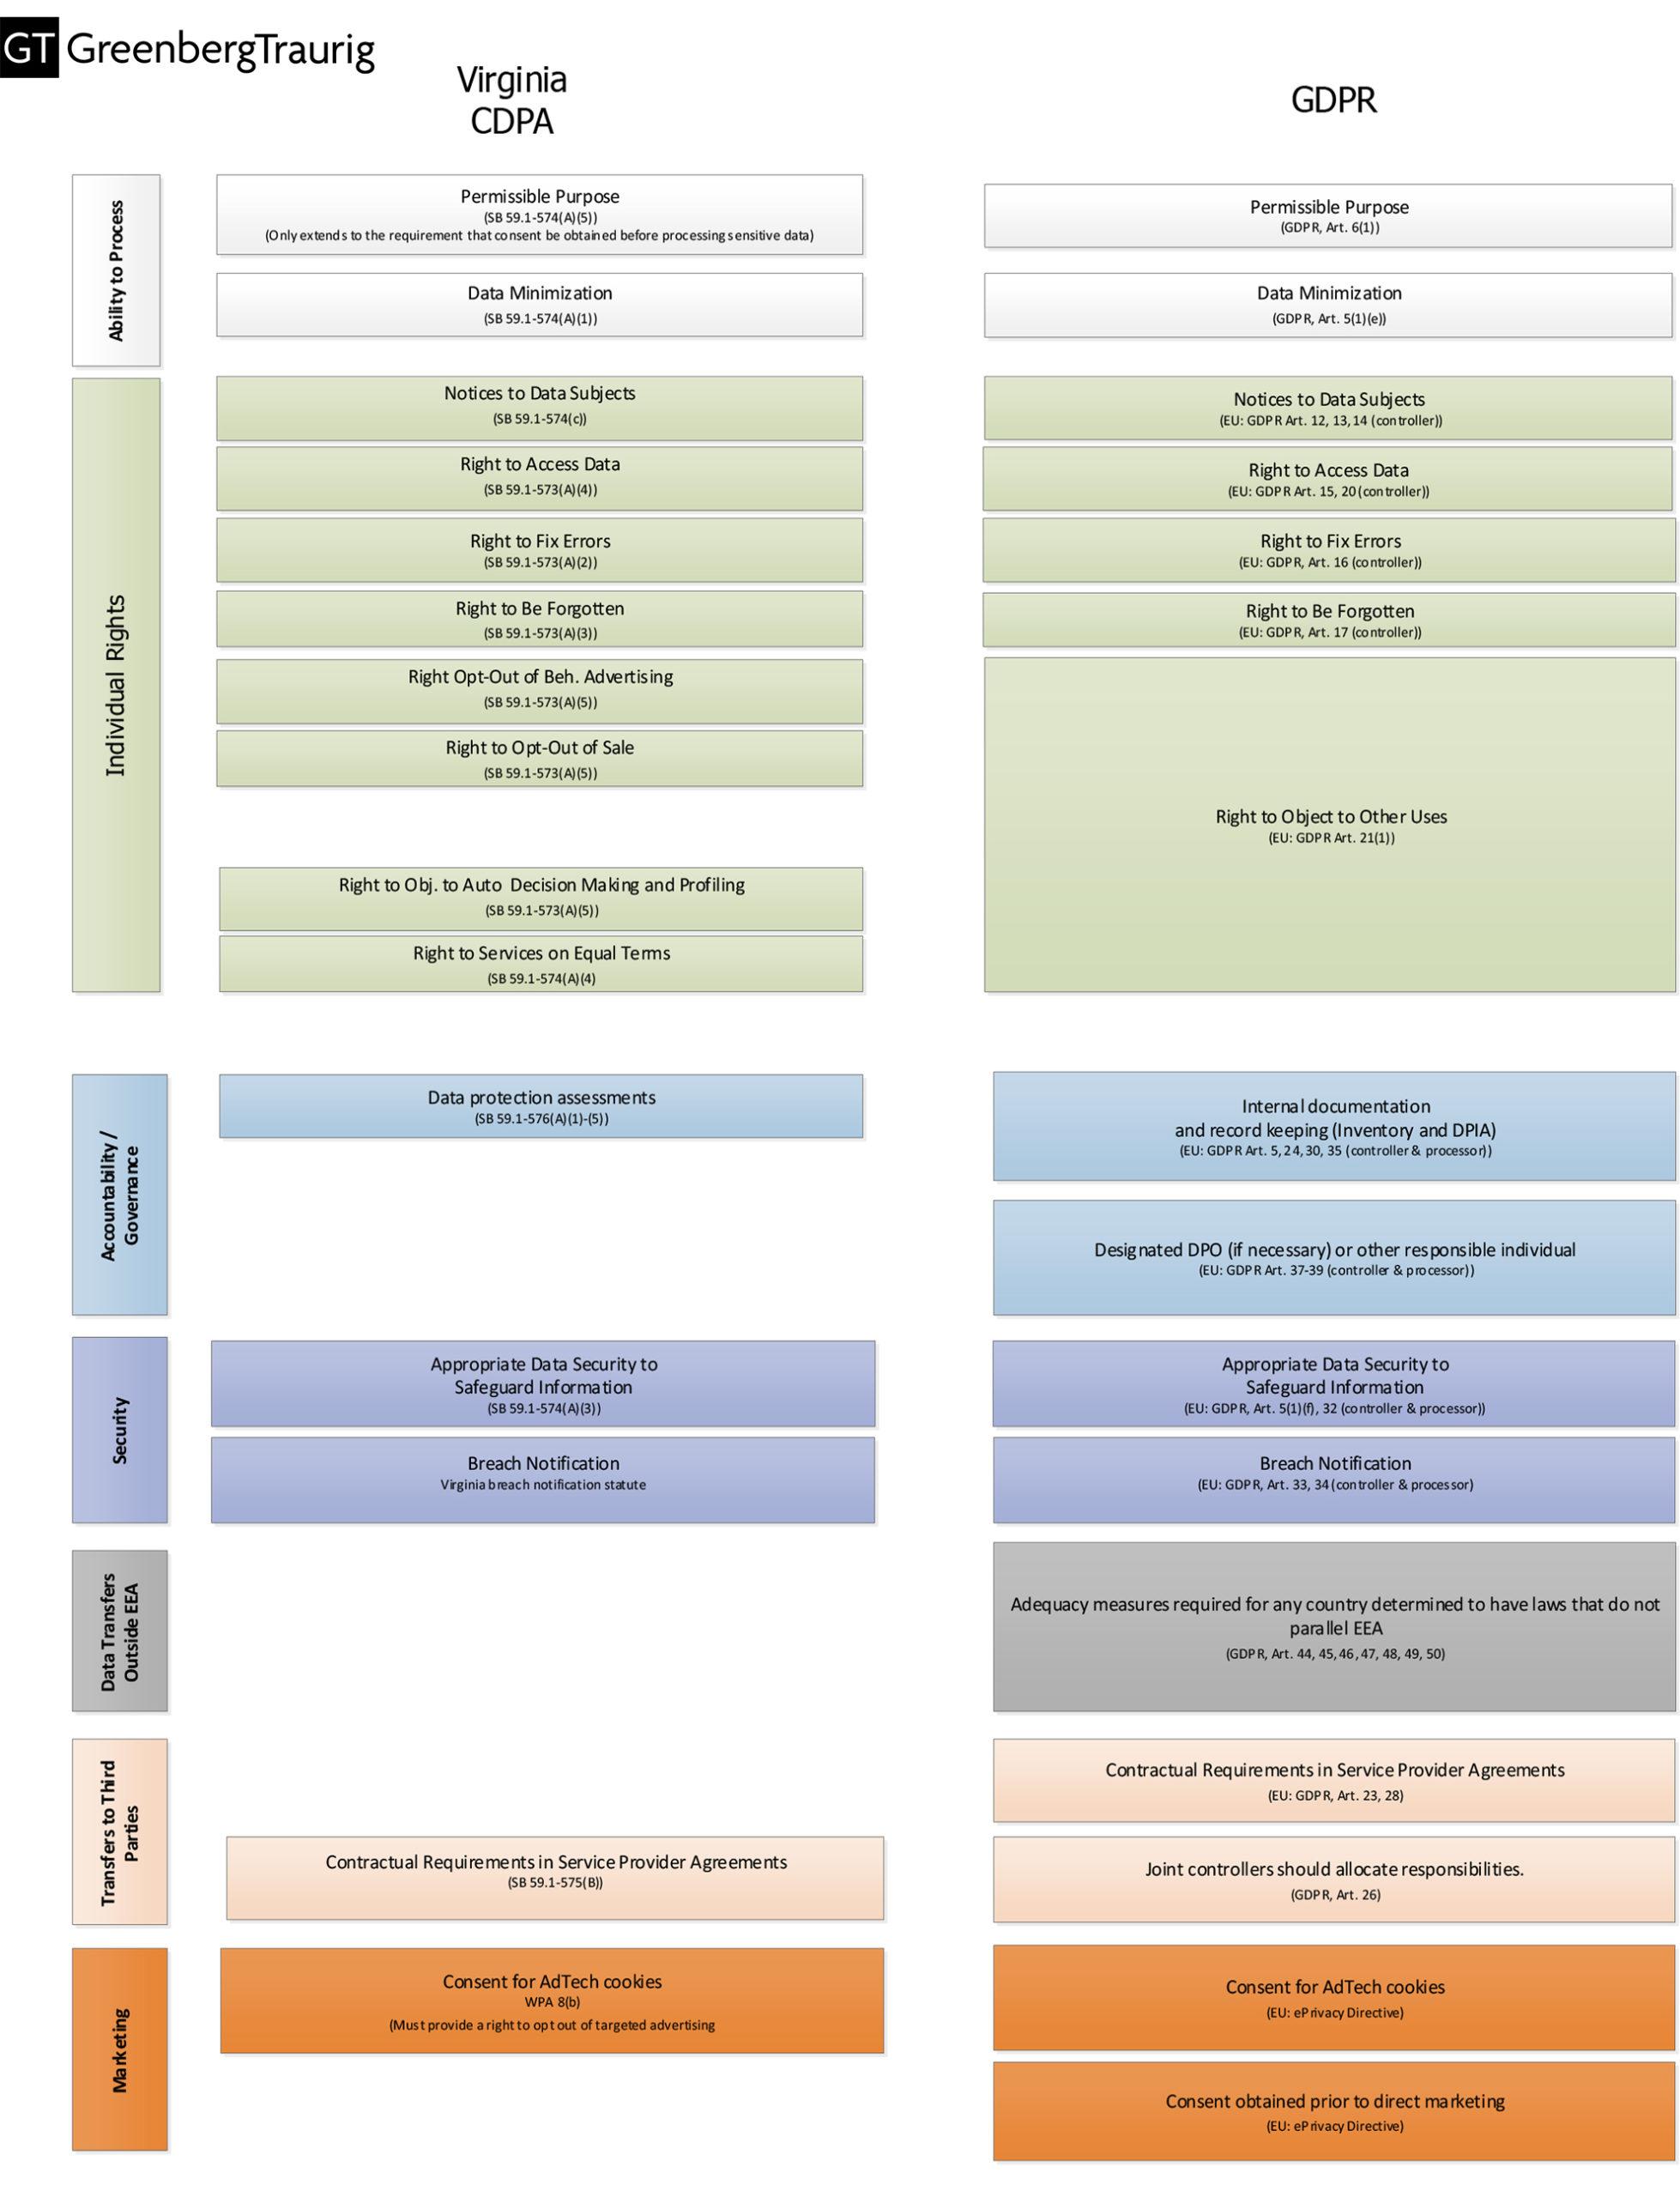 EU GDPR Virginia CDPA comparison